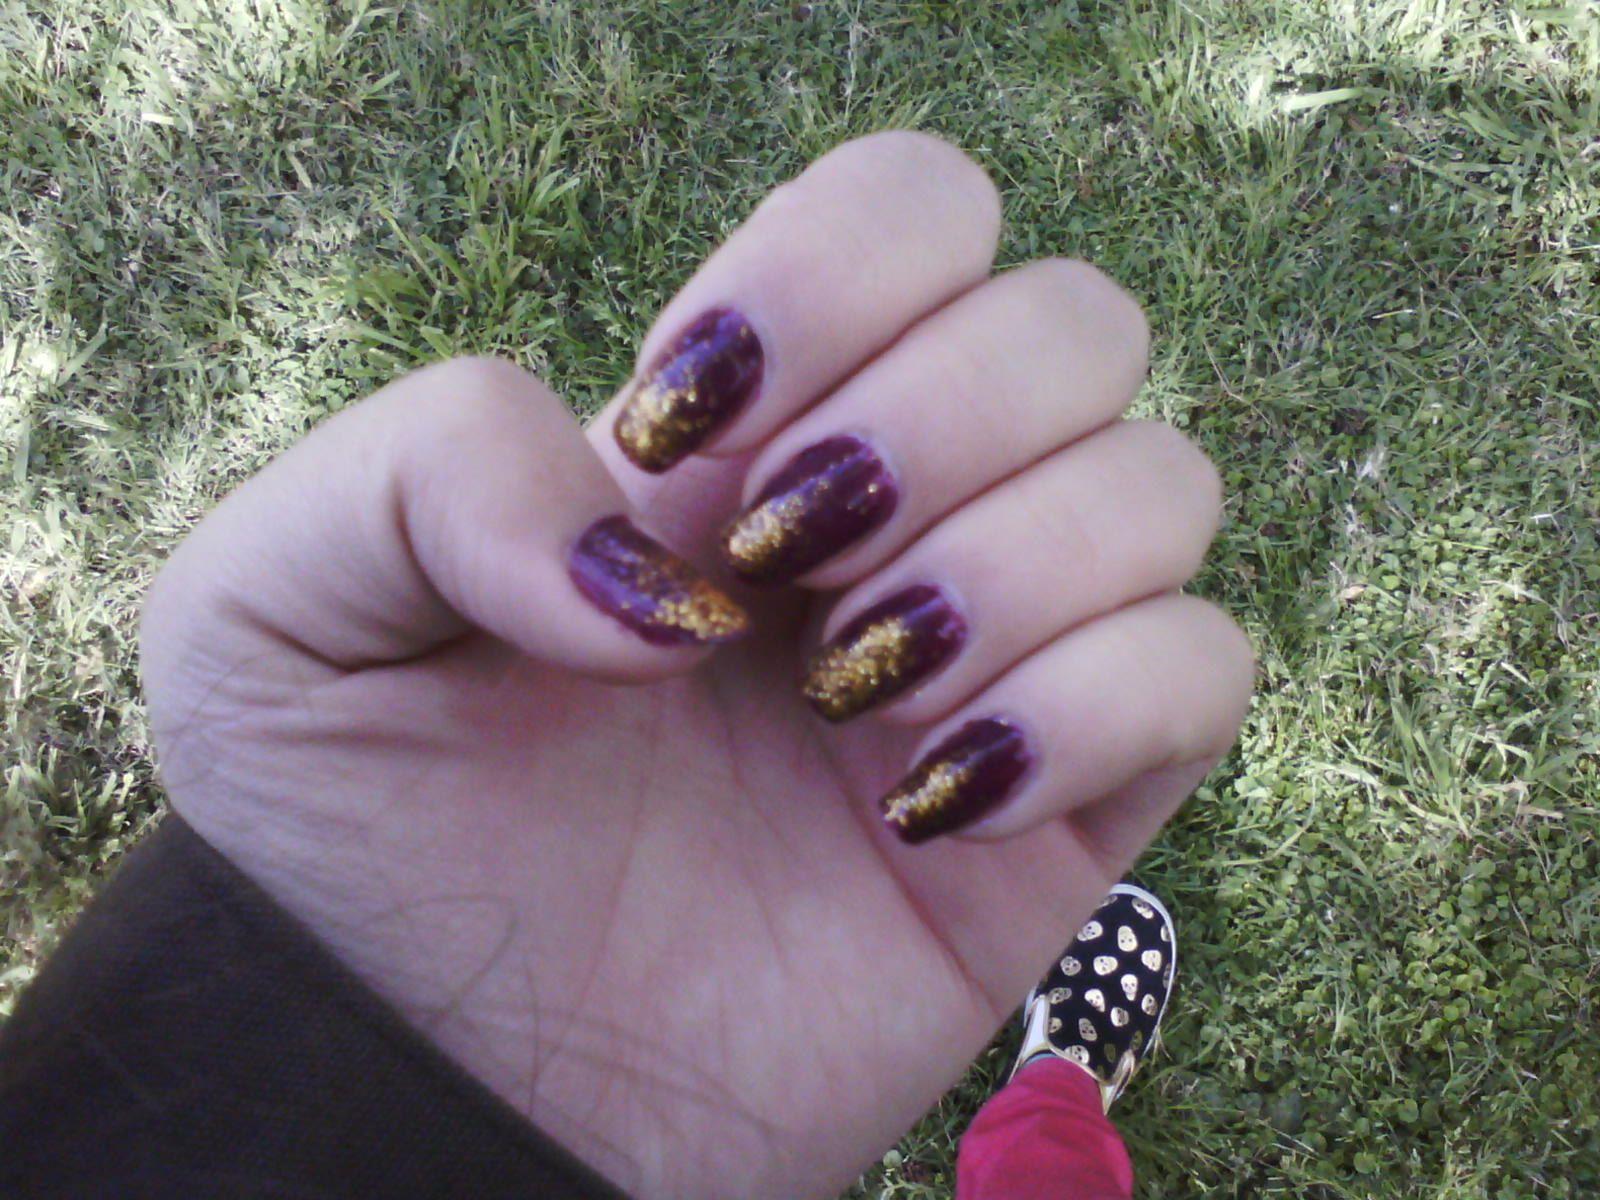 uñas color uva con brillo color dorado en degrade | uñas | Pinterest ...